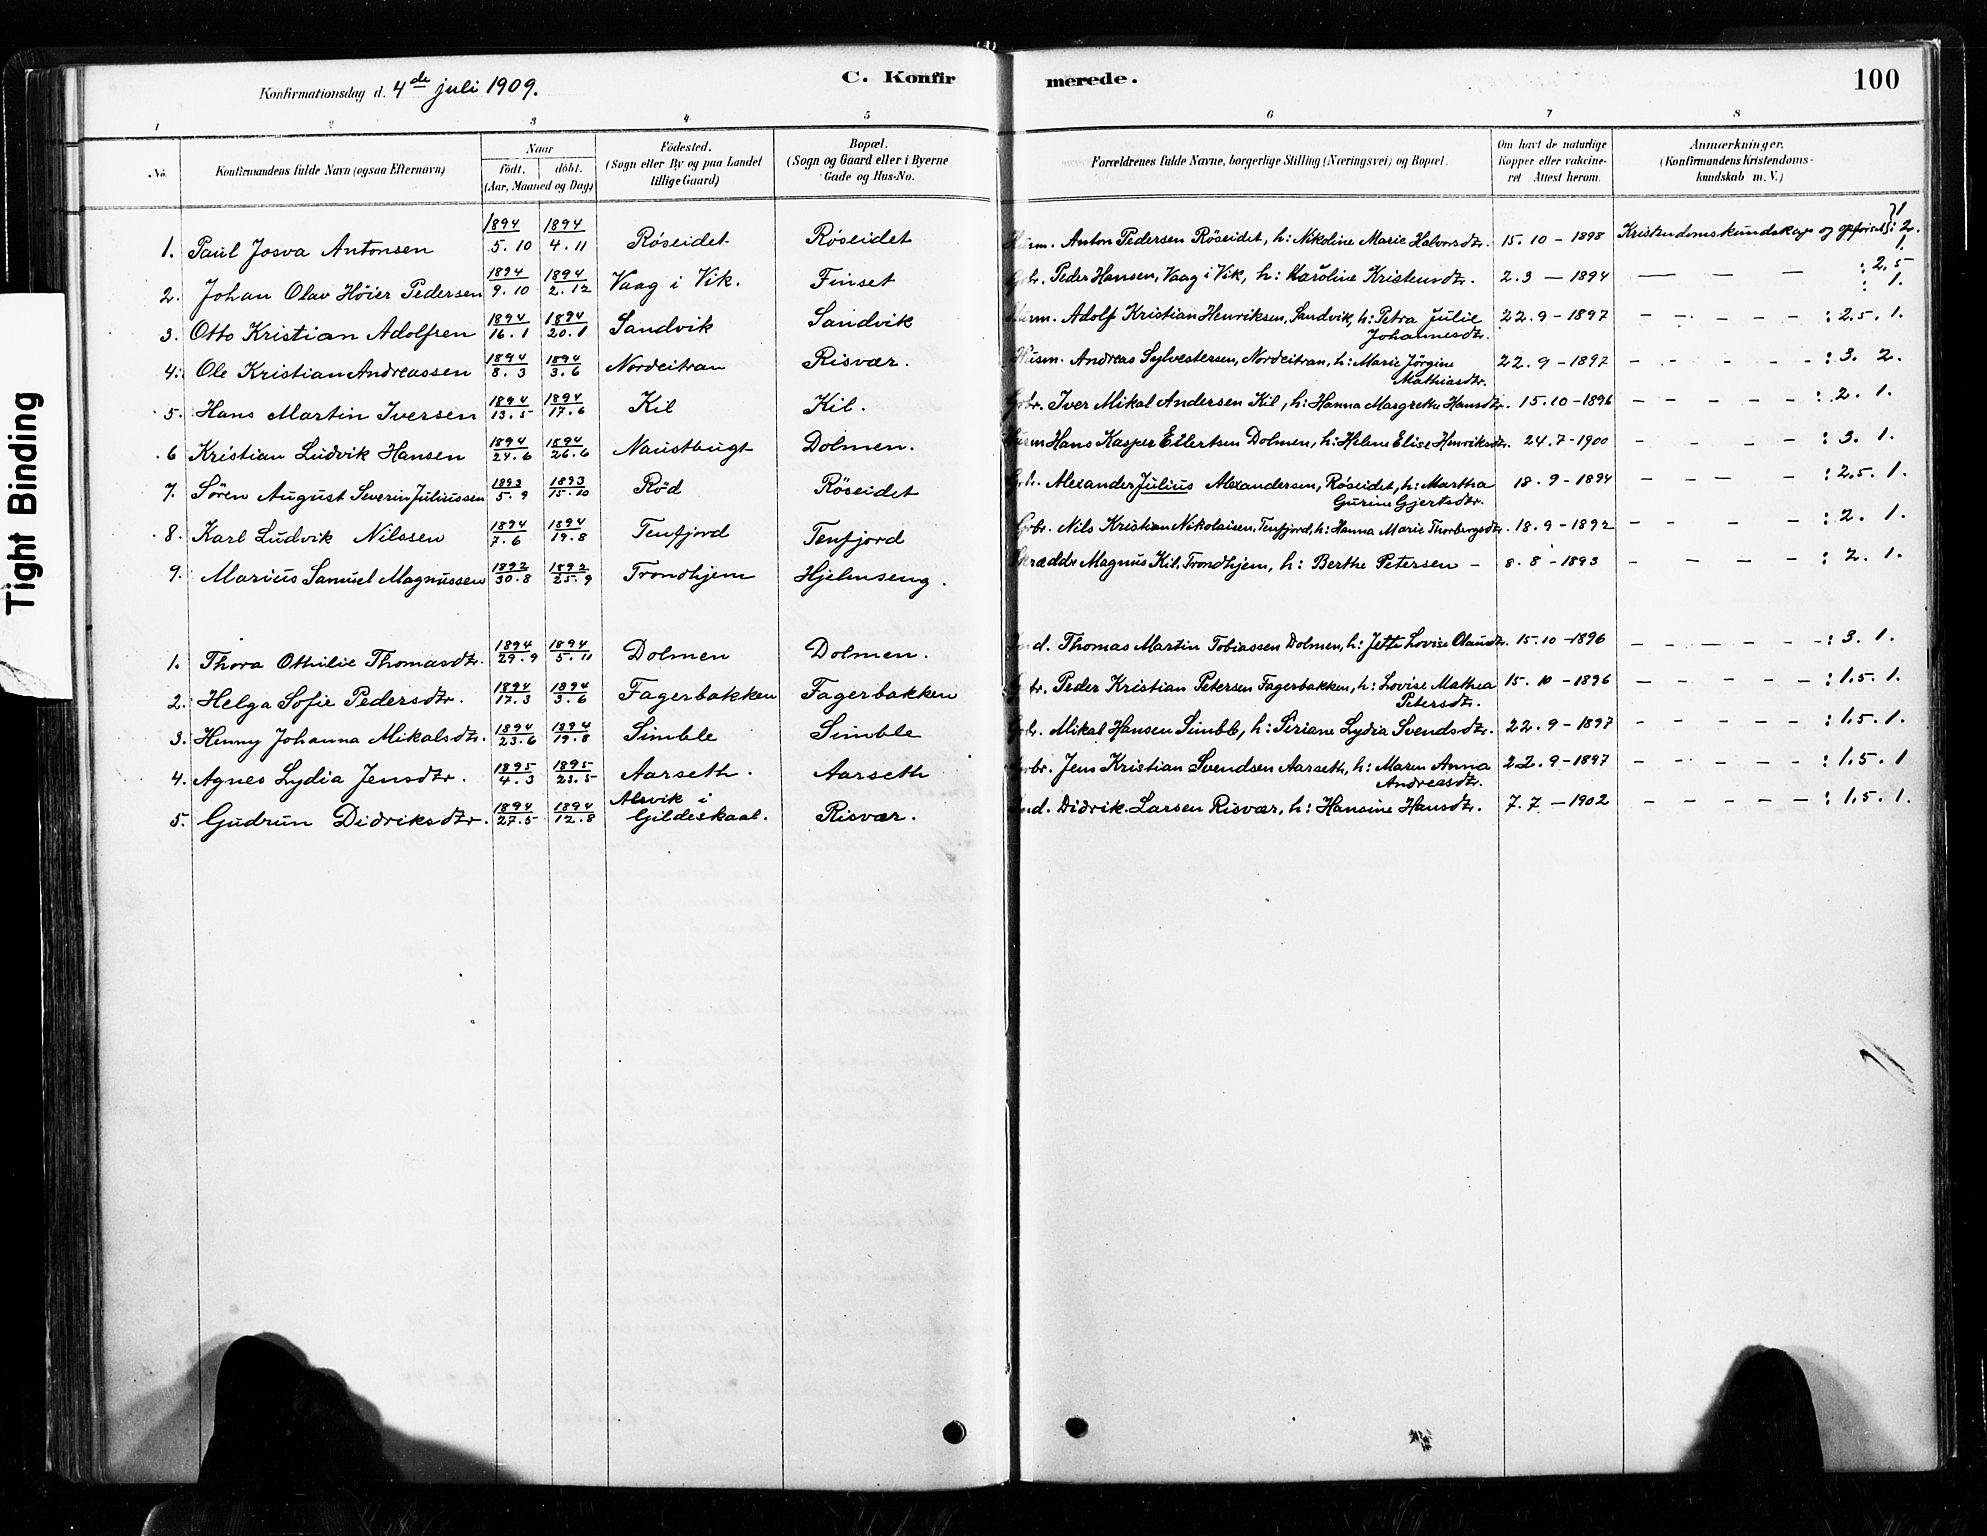 SAT, Ministerialprotokoller, klokkerbøker og fødselsregistre - Nord-Trøndelag, 789/L0705: Ministerialbok nr. 789A01, 1878-1910, s. 100